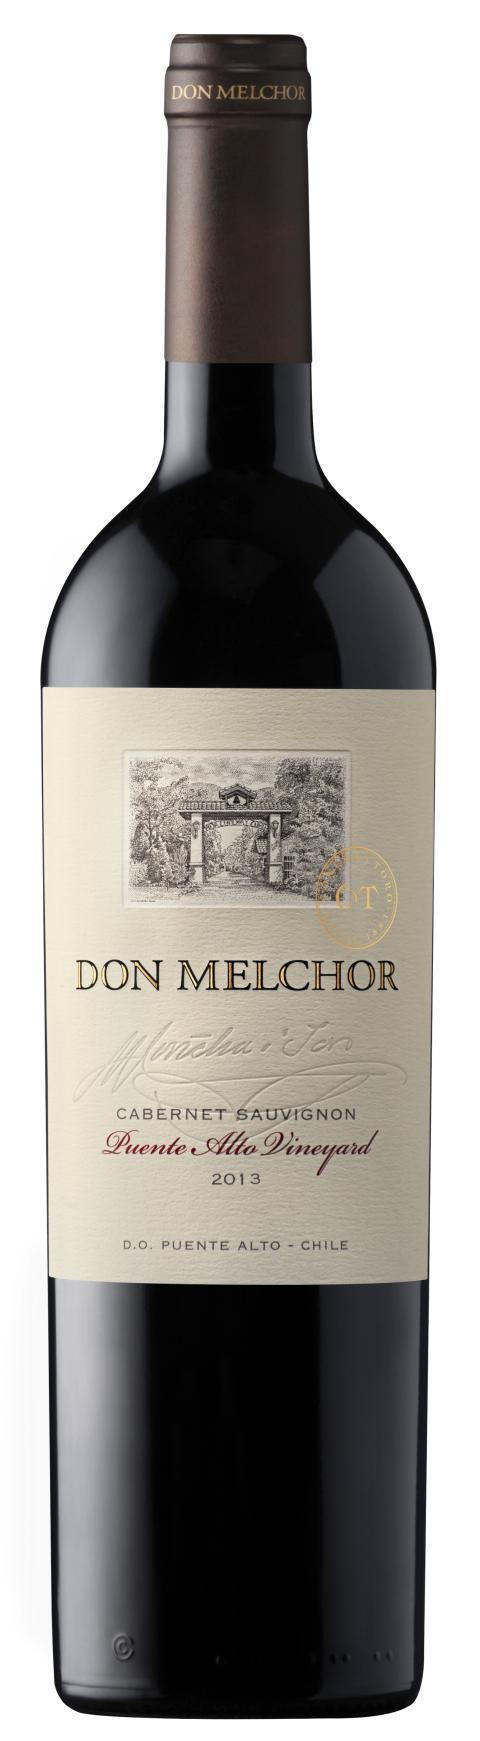 Don Melchor 2013